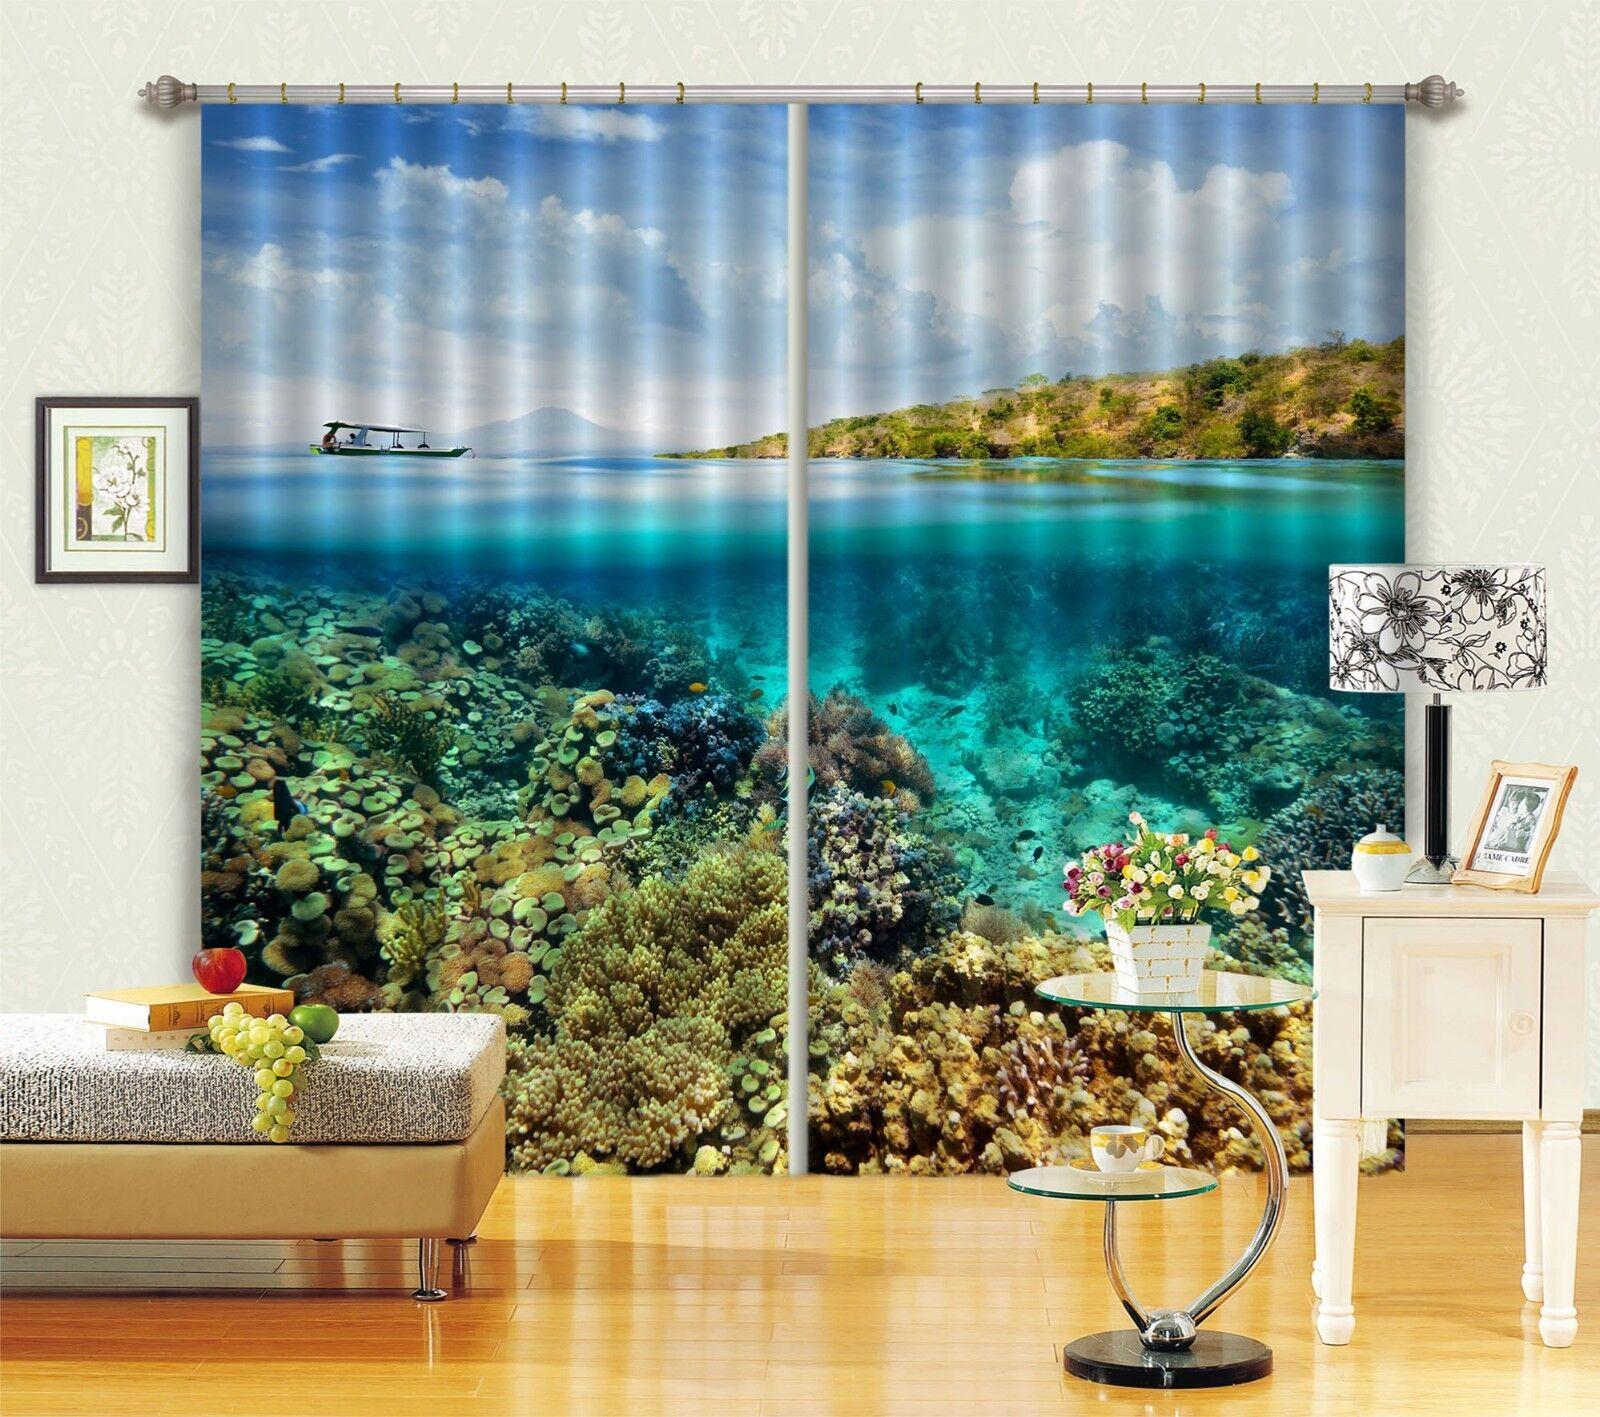 3D cielo River 75 Cortinas de impresión de cortina de foto Blockout Tela Cortinas Ventana CA